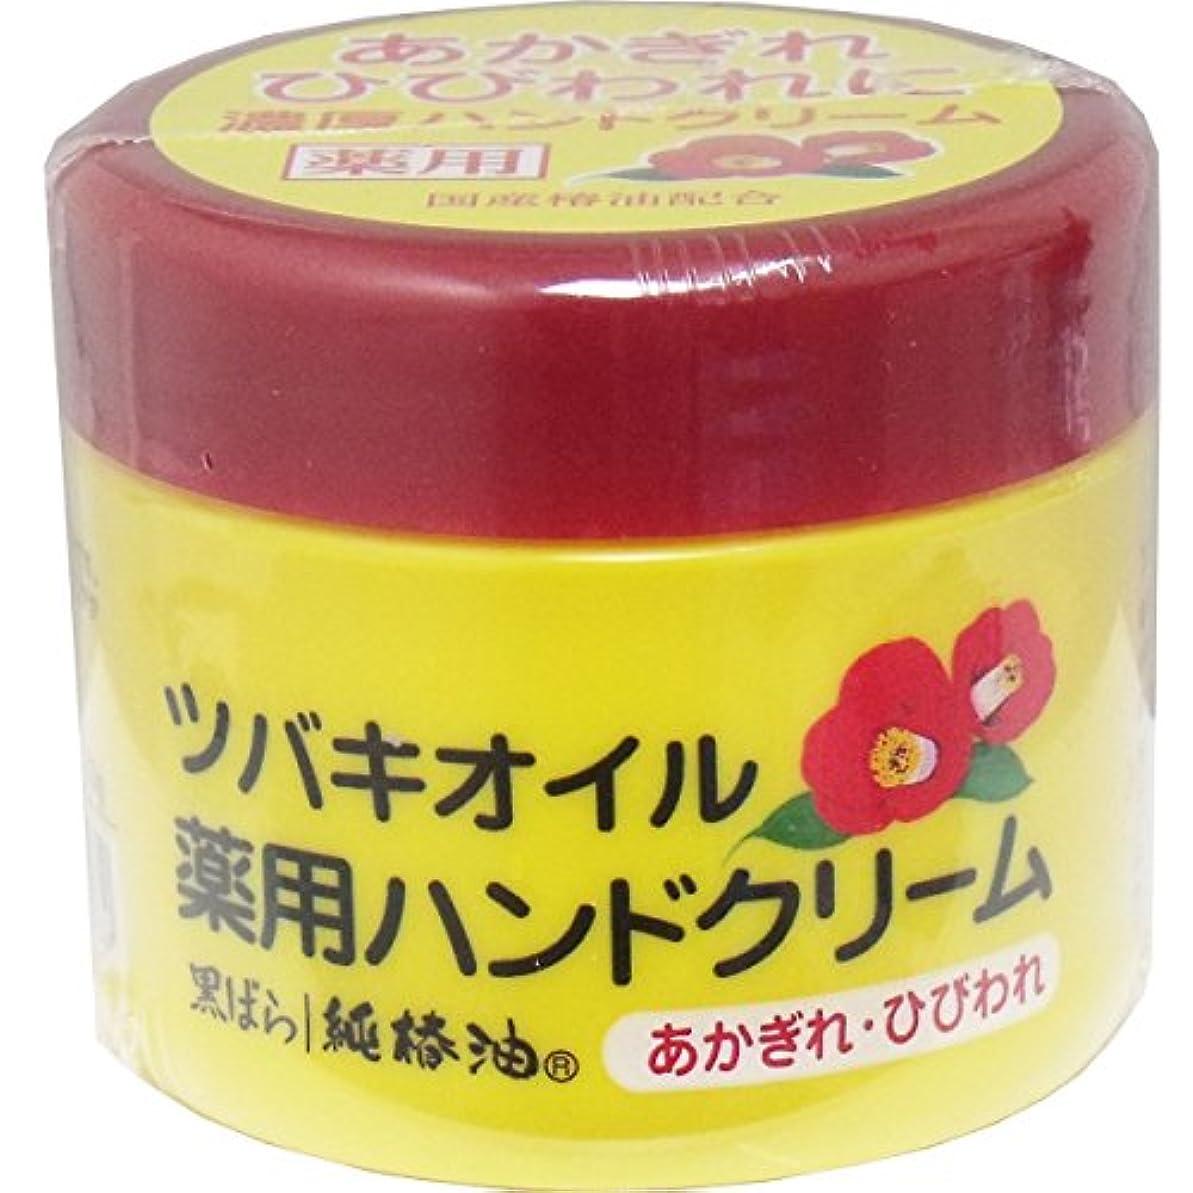 月曜キャッシュ罪悪感【まとめ買い】ツバキオイル 薬用ハンドクリーム ×2セット